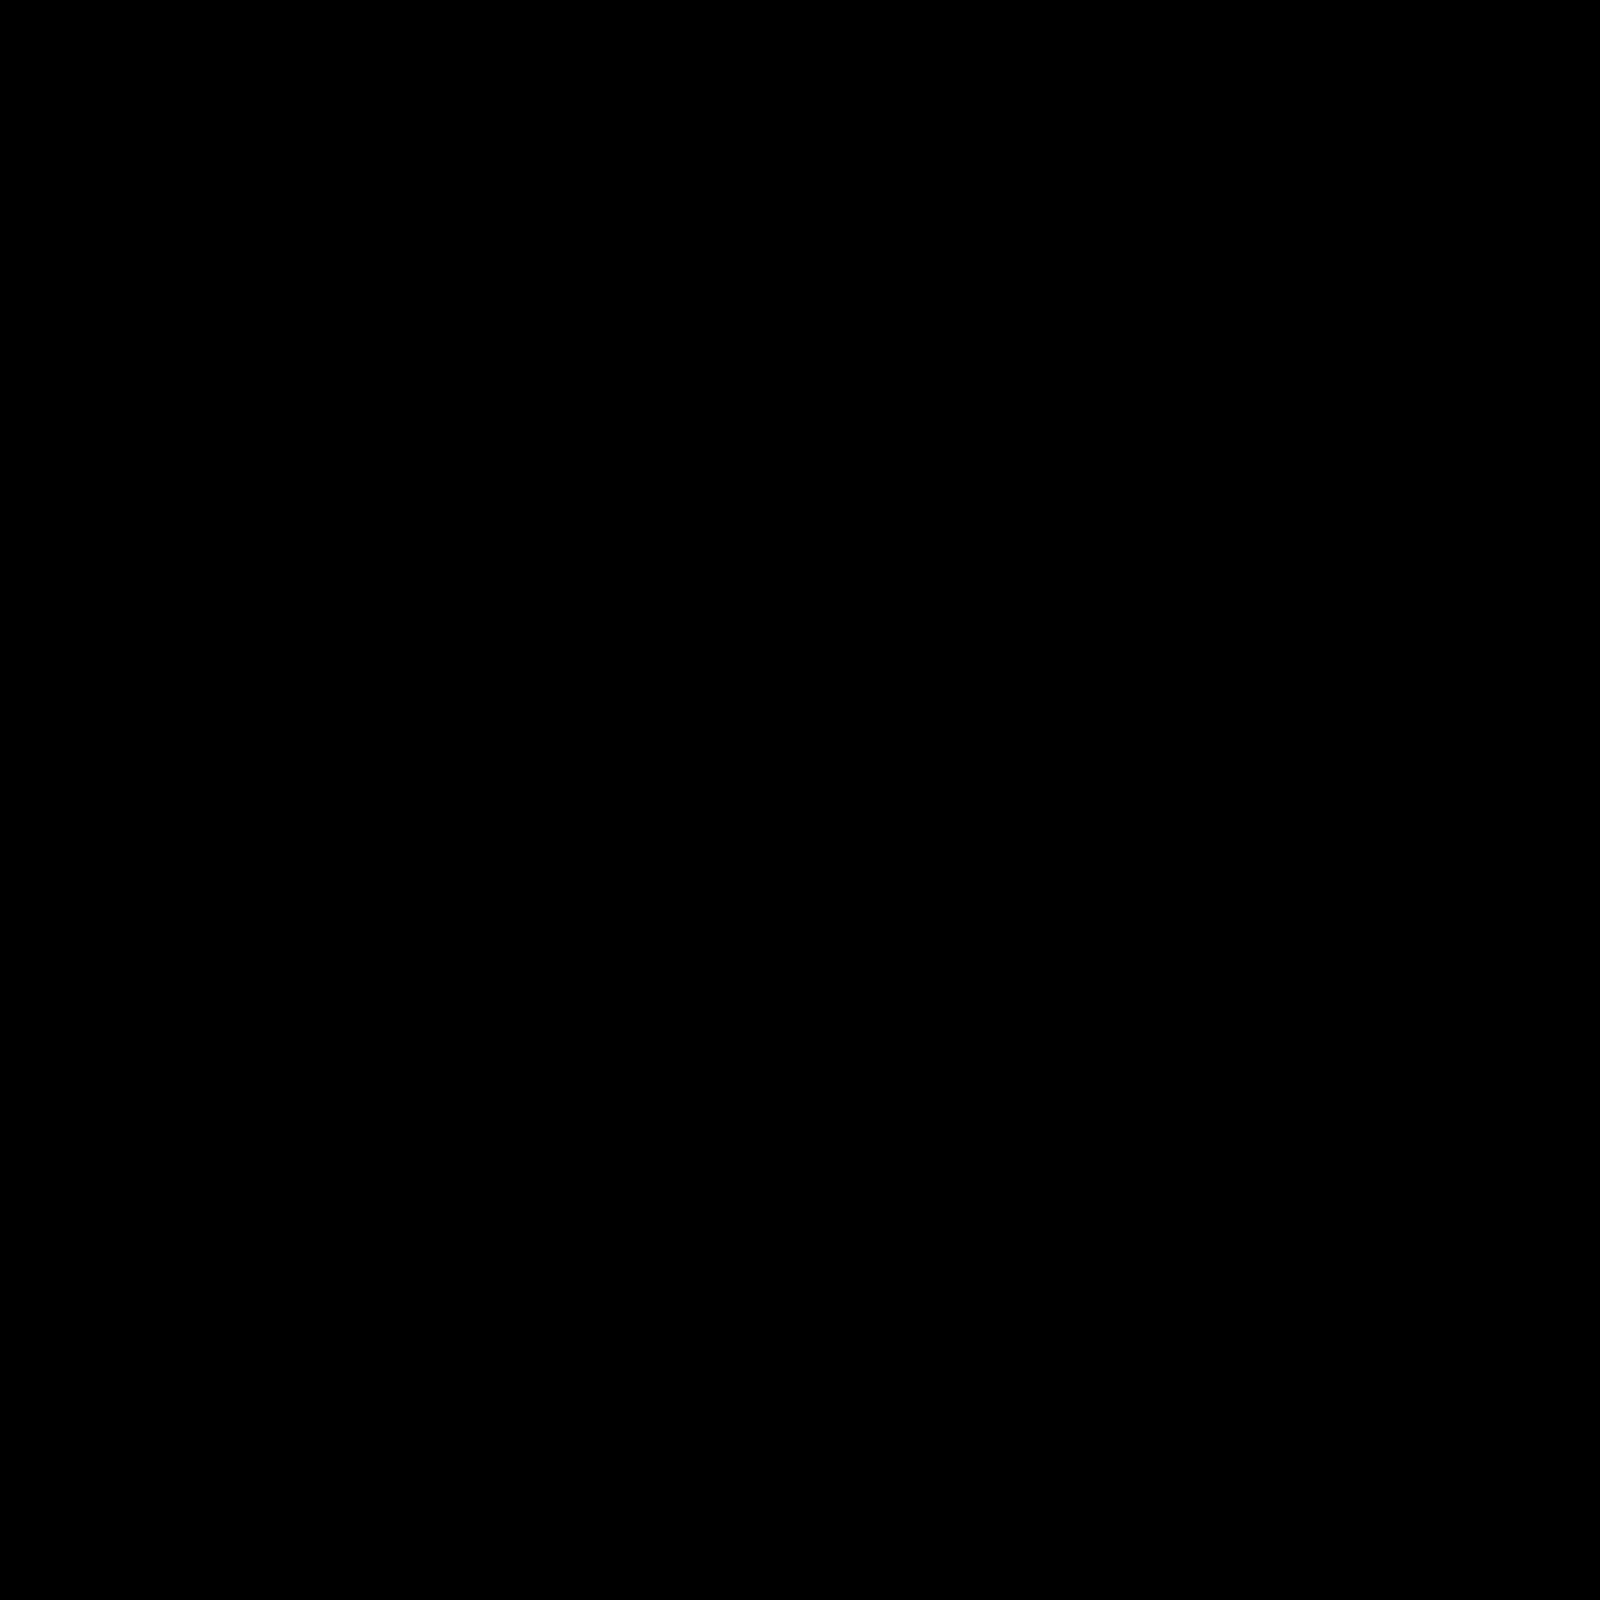 kobra negru lucios